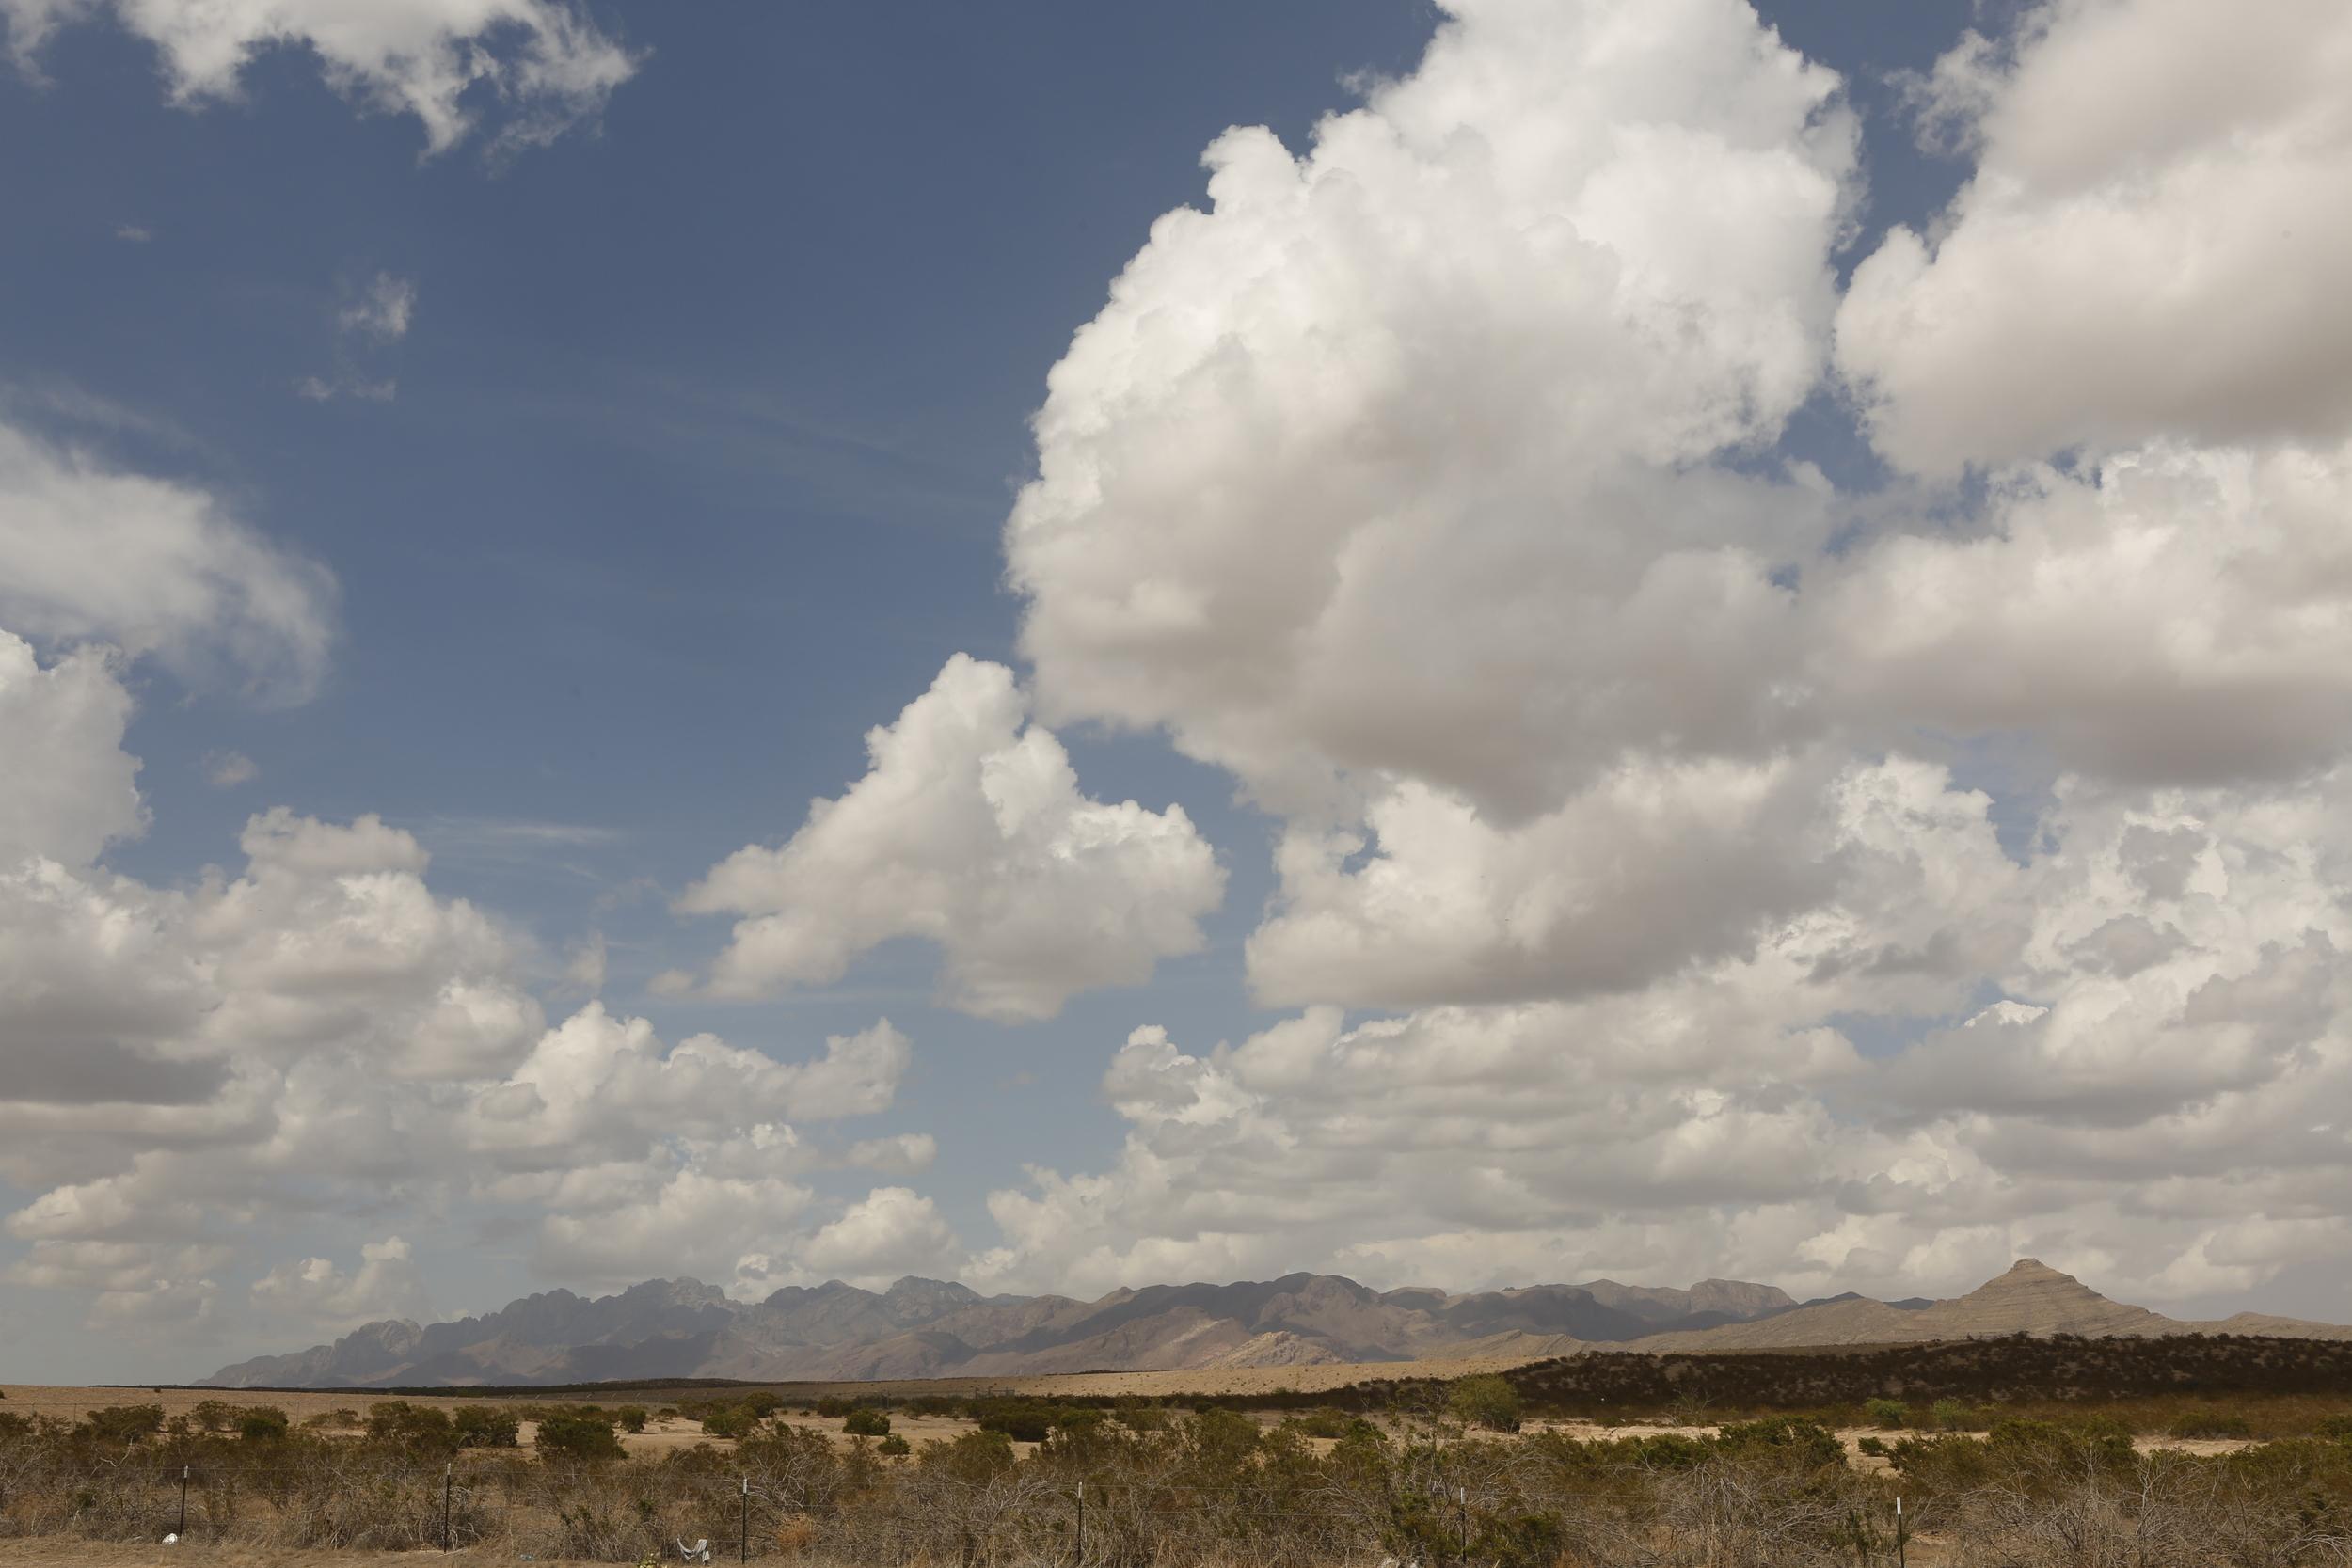 Somewhere between El Paso and Las Cruces